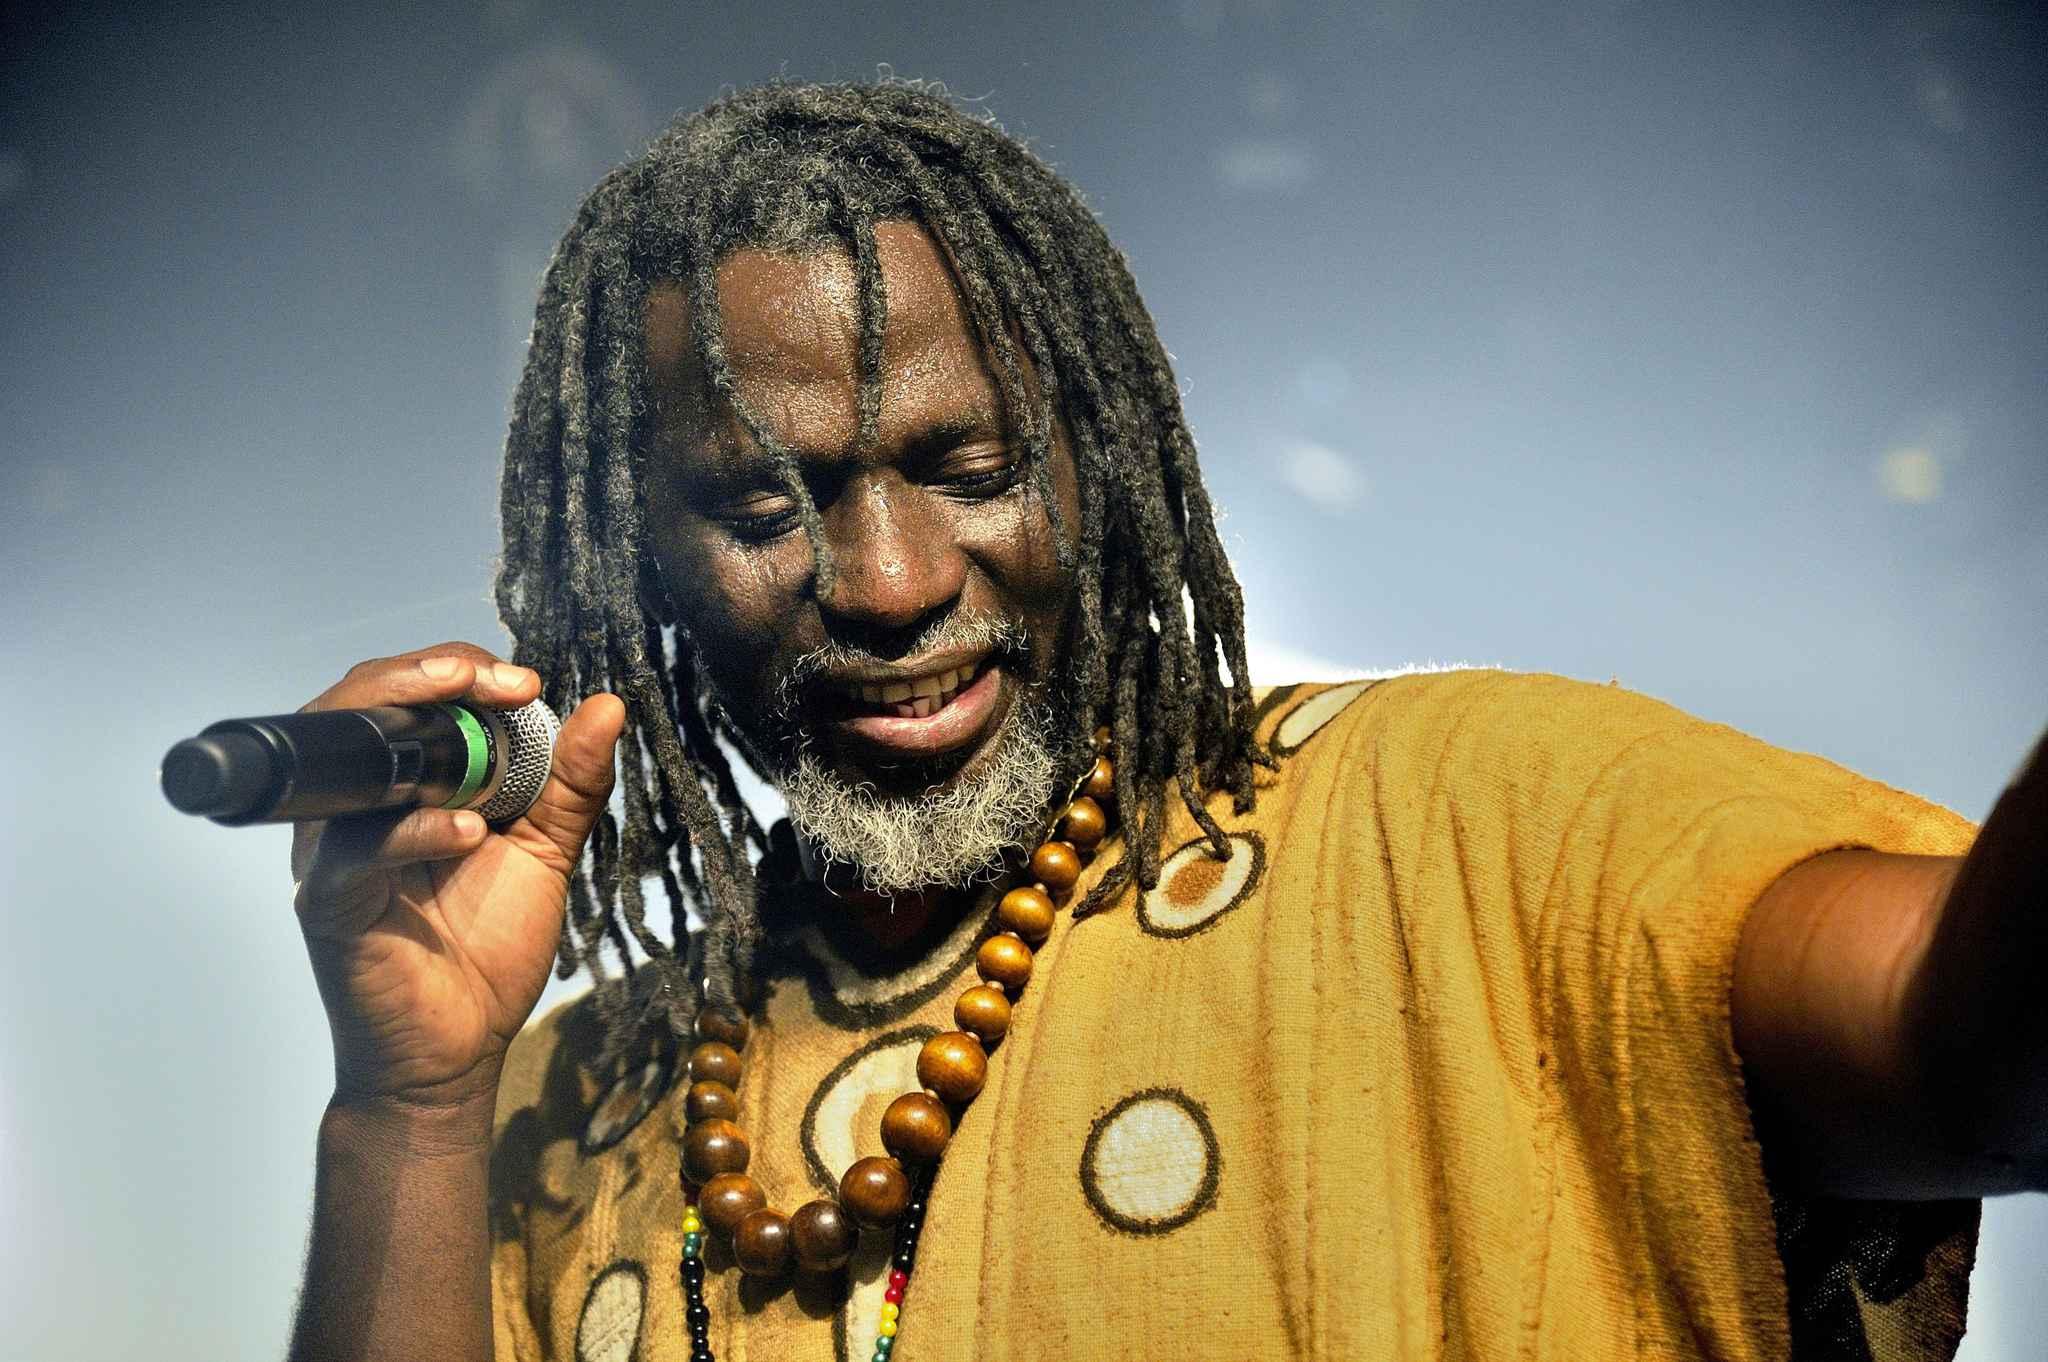 Non le  RHDP n'est pas un complot contre les ivoiriens: De quelle cause Tiken Jah est-il le defenseur?